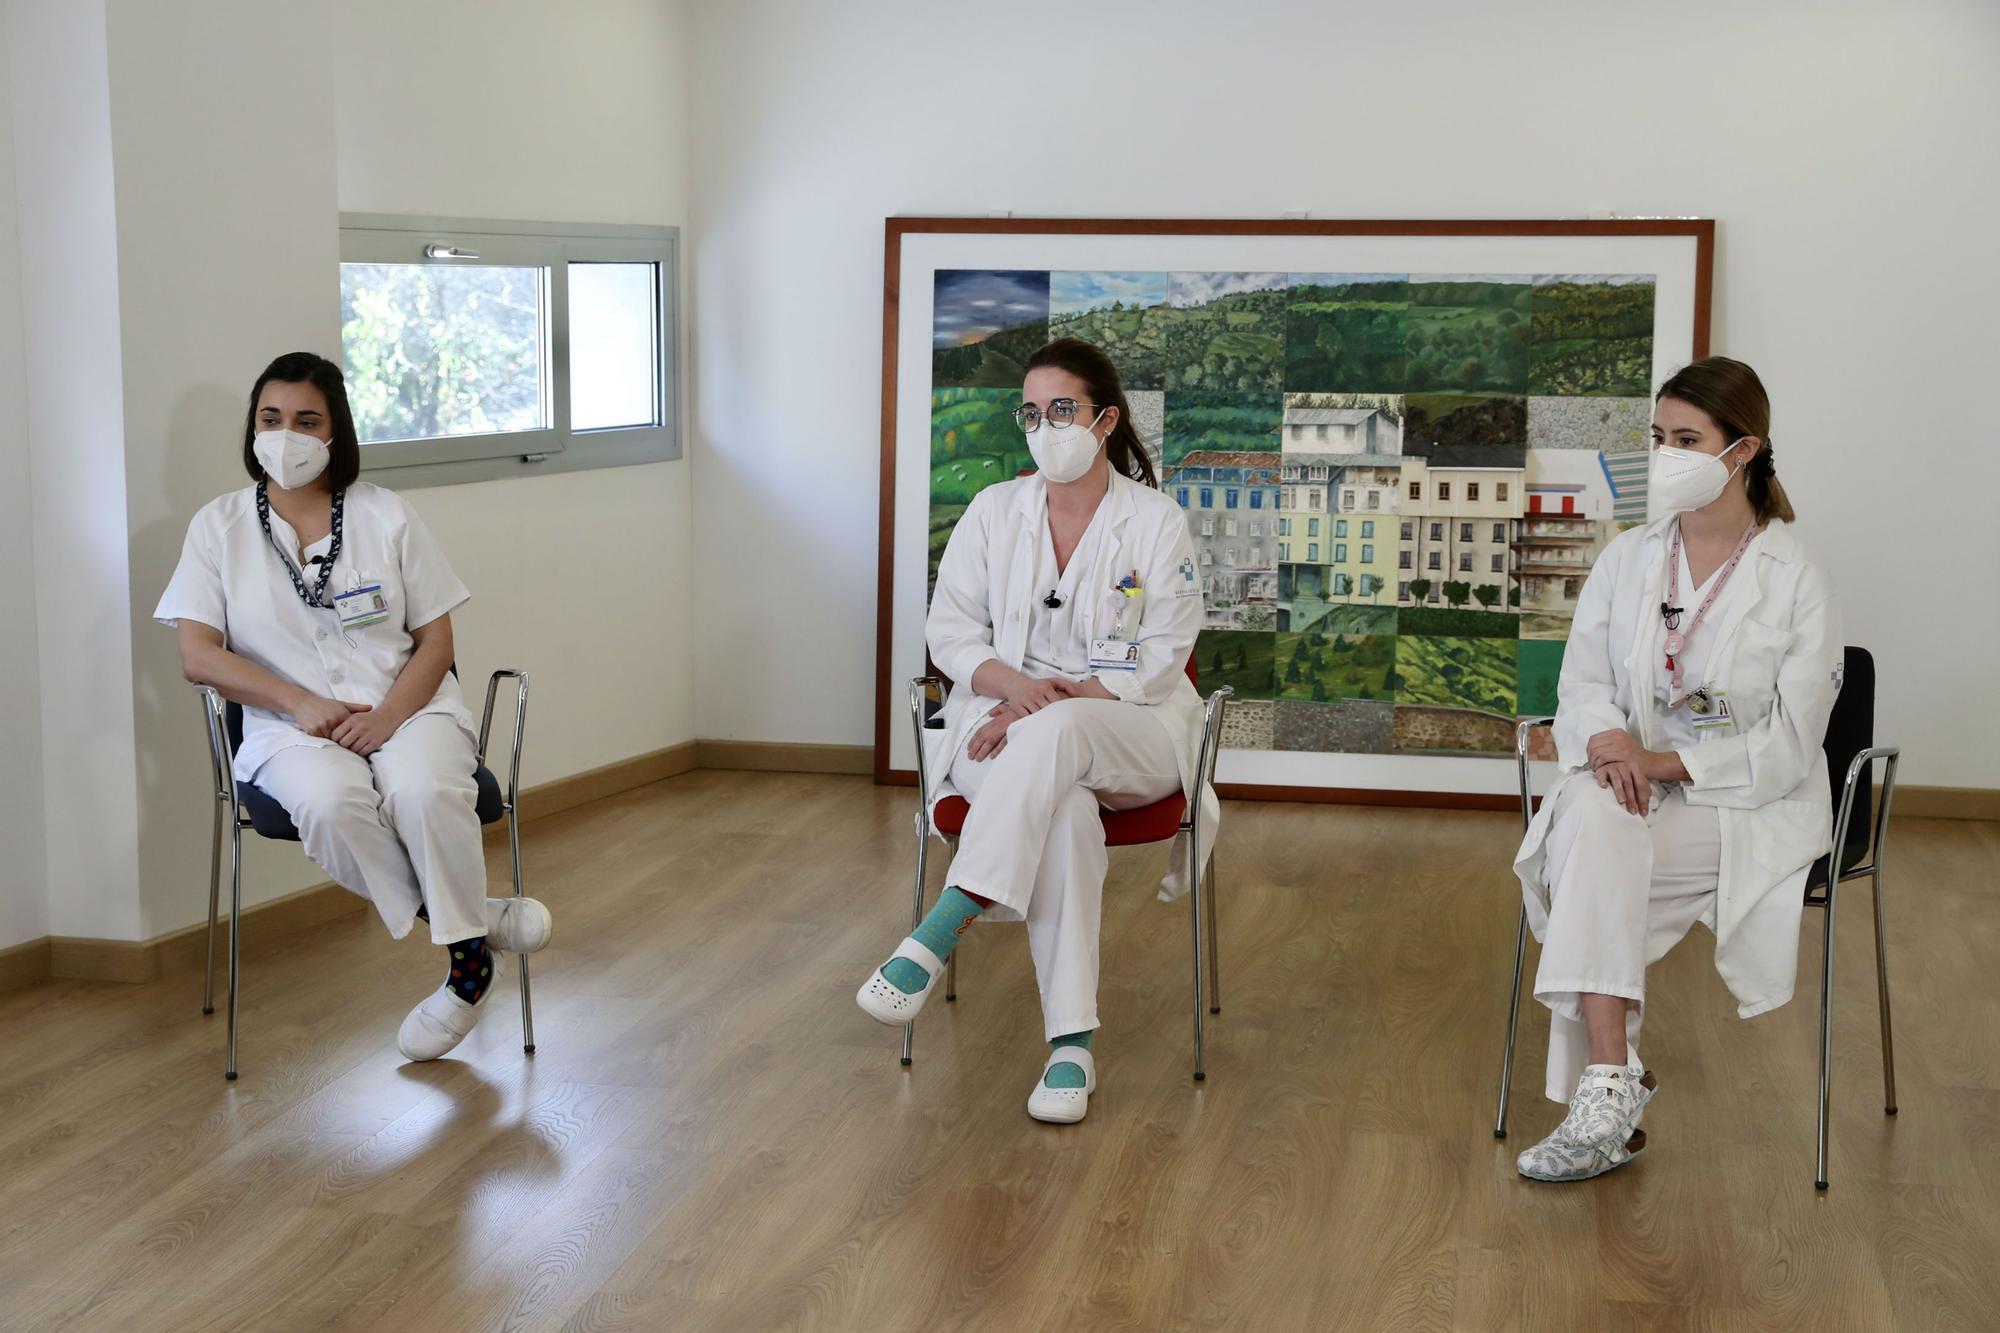 De izquierda a derecha, Patricia García González, enfermera del servicio de urgencias del centro hospitalario; María Fernández Prada, médica del servicio de Medicina Preventiva y Salud Pública del área VII (zona de Mieres) y Elena Mediavilla Álvarez, enfermera del equipo de vacunación del área.